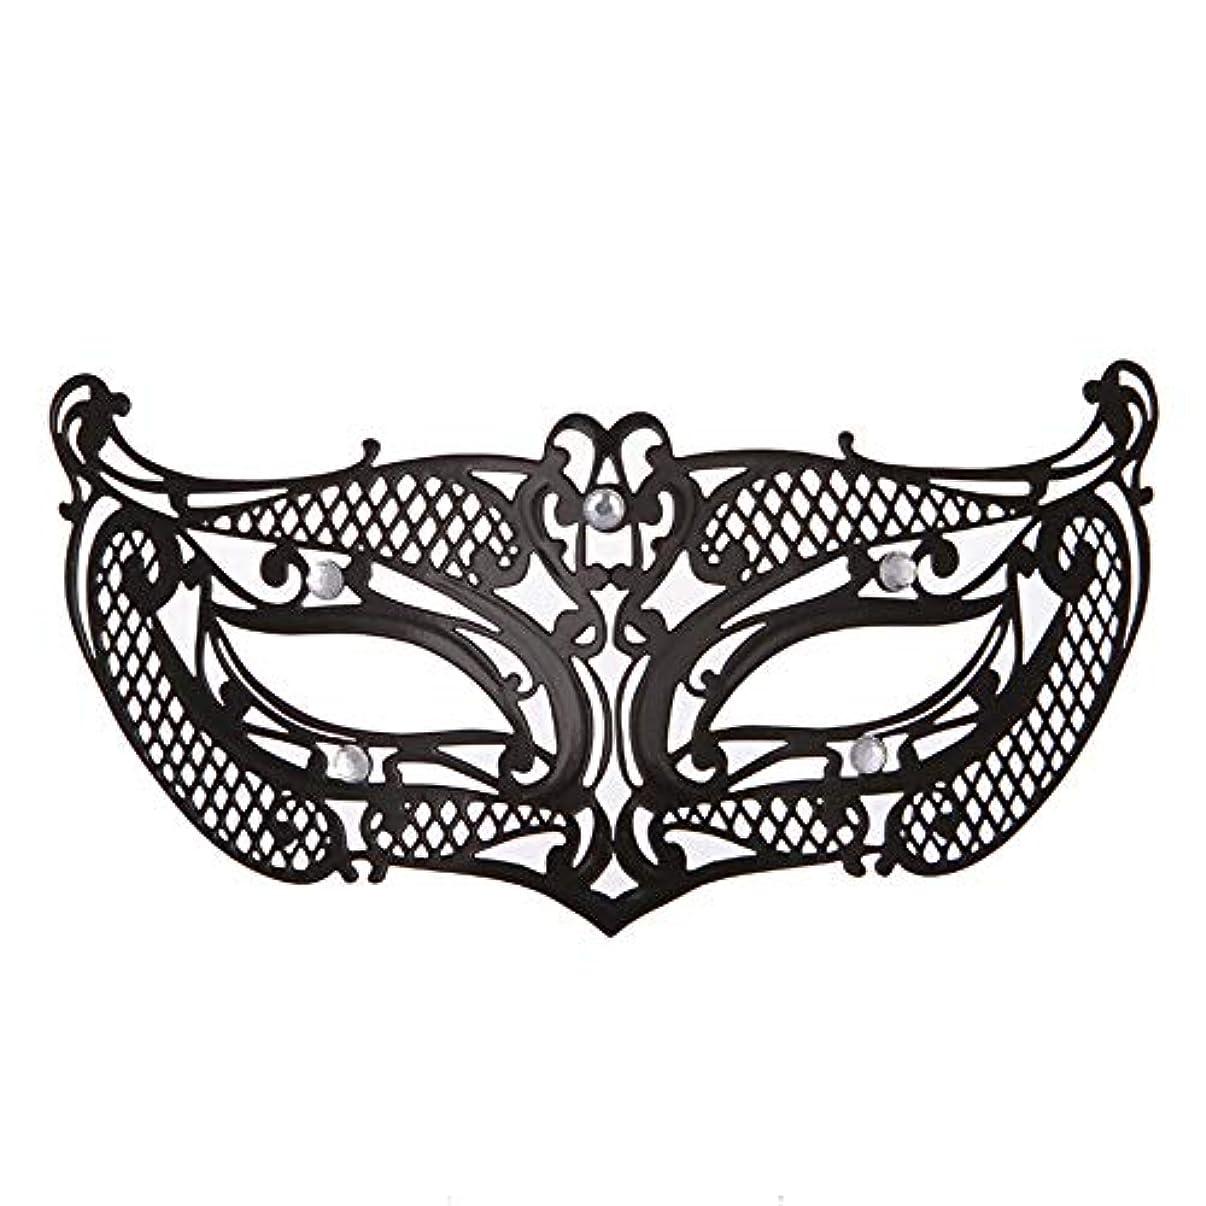 バズで葬儀ダンスマスク アイアンメタリックレースとダイヤモンドハーフマスクハロウィンダンスマスクナイトクラブボールマスクコスプレパーティーハロウィンマスク ホリデーパーティー用品 (色 : ブラック, サイズ : 19x8cm)